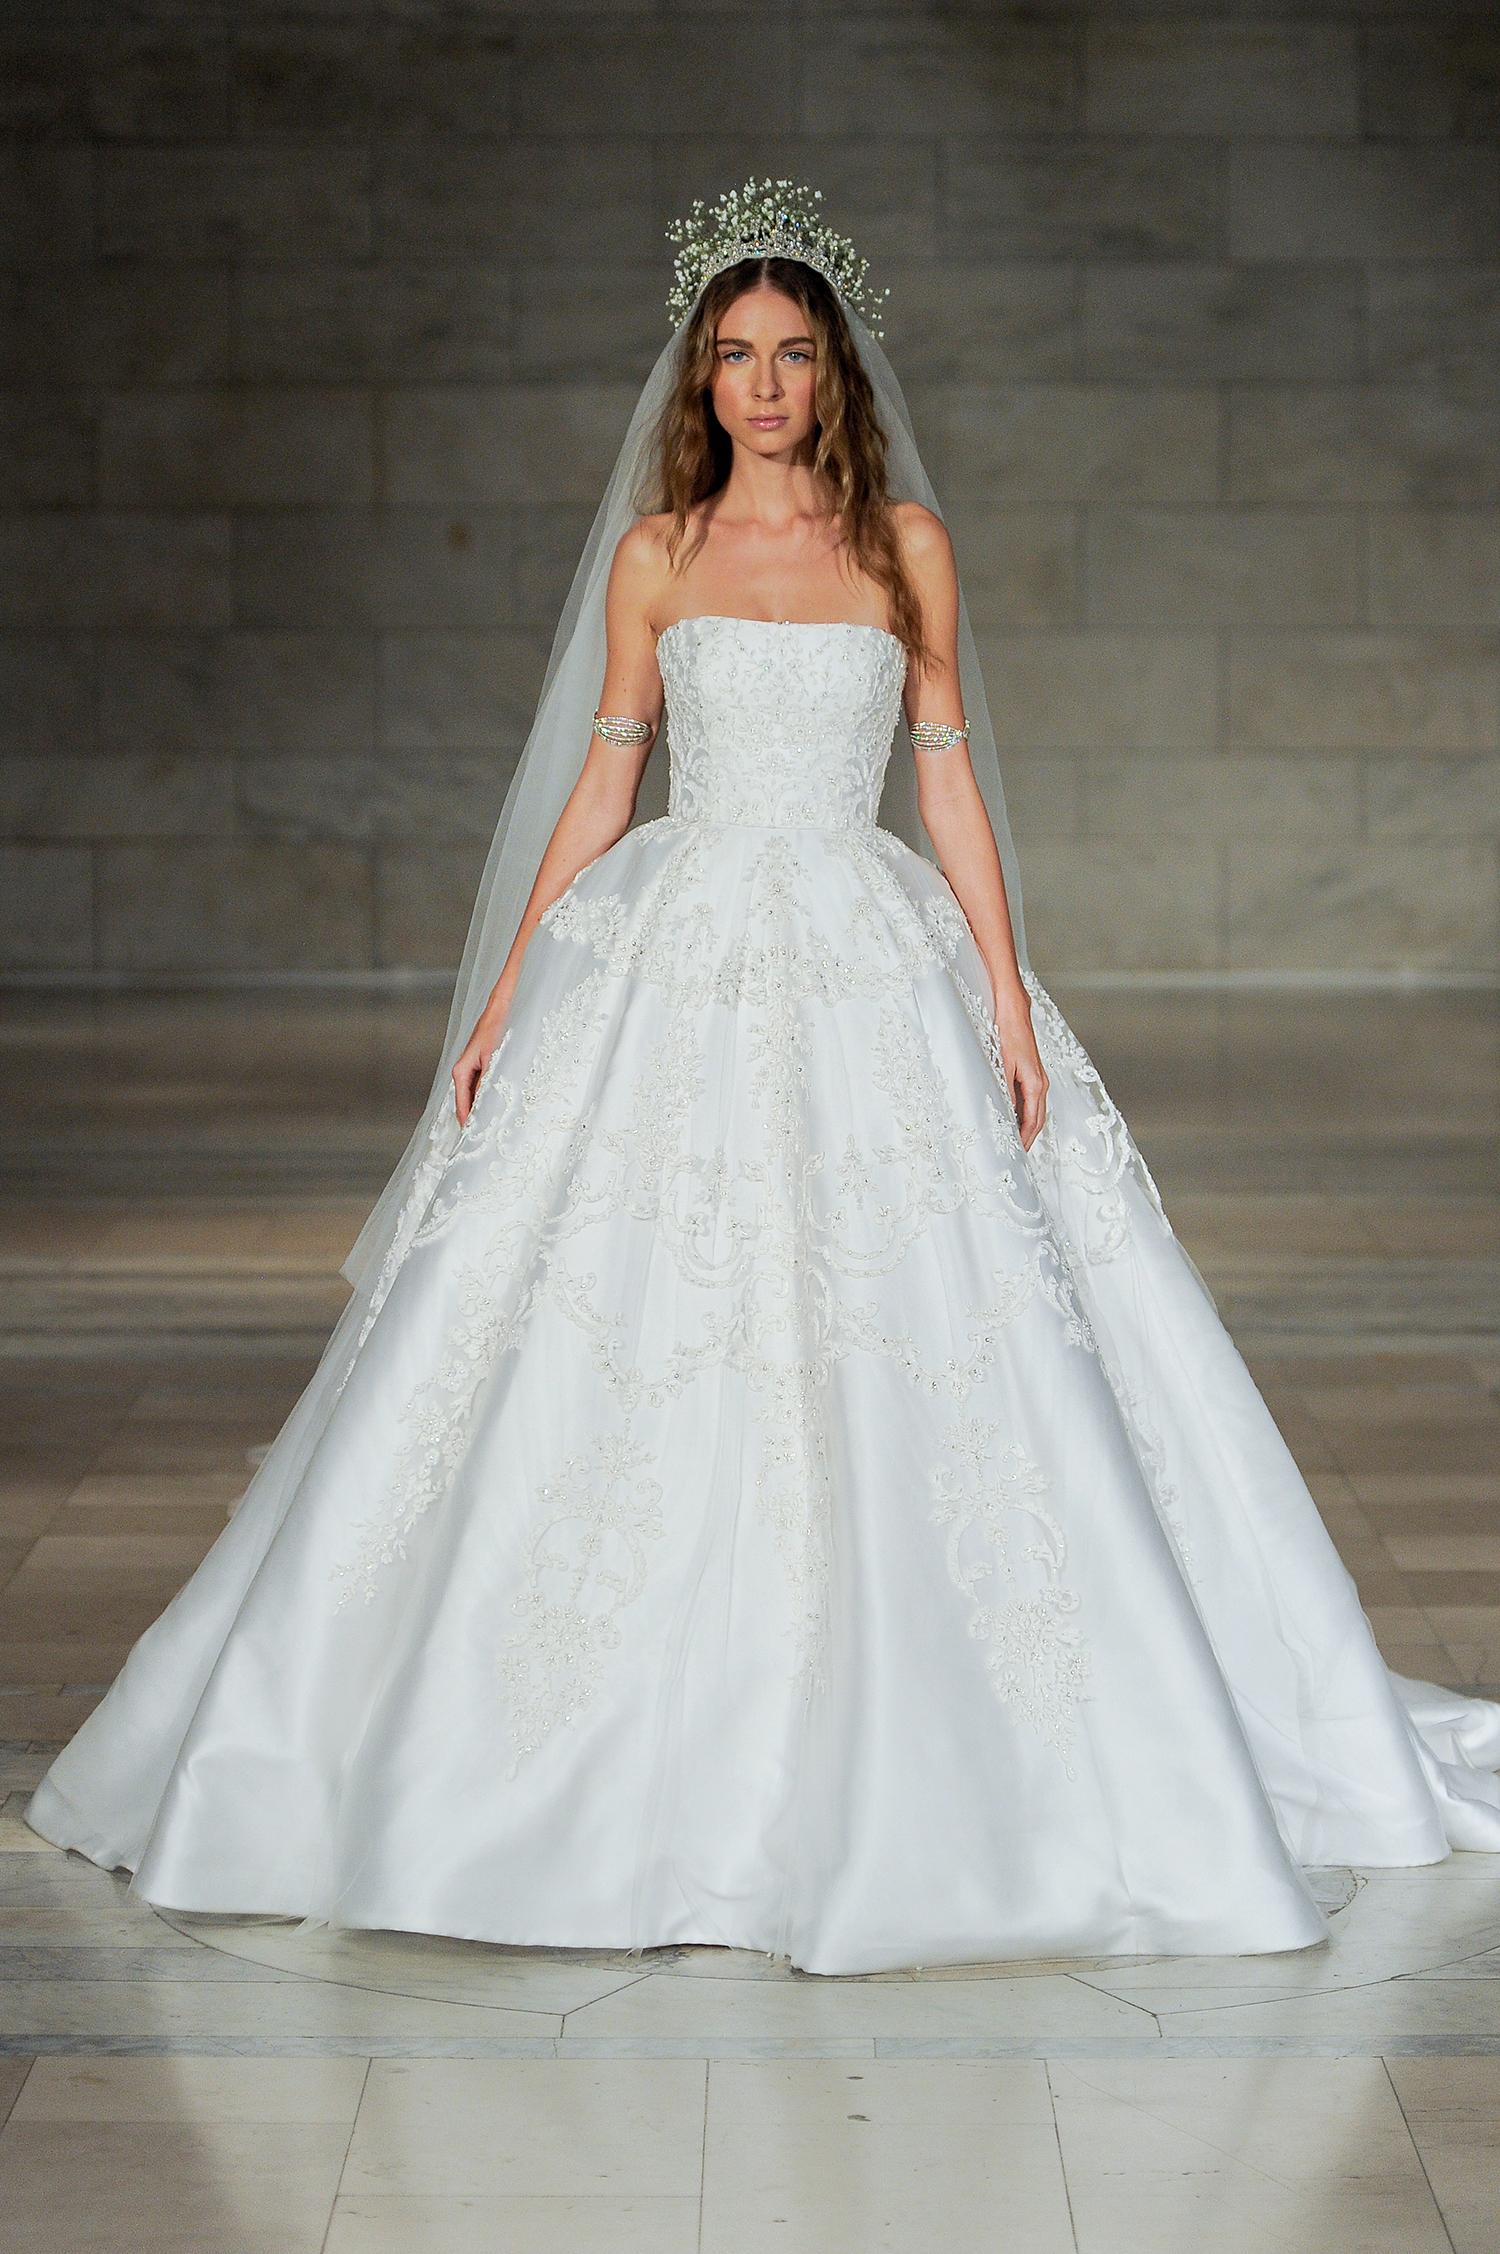 reem acra bridal market wedding dress fall 2018 strapless ball gown